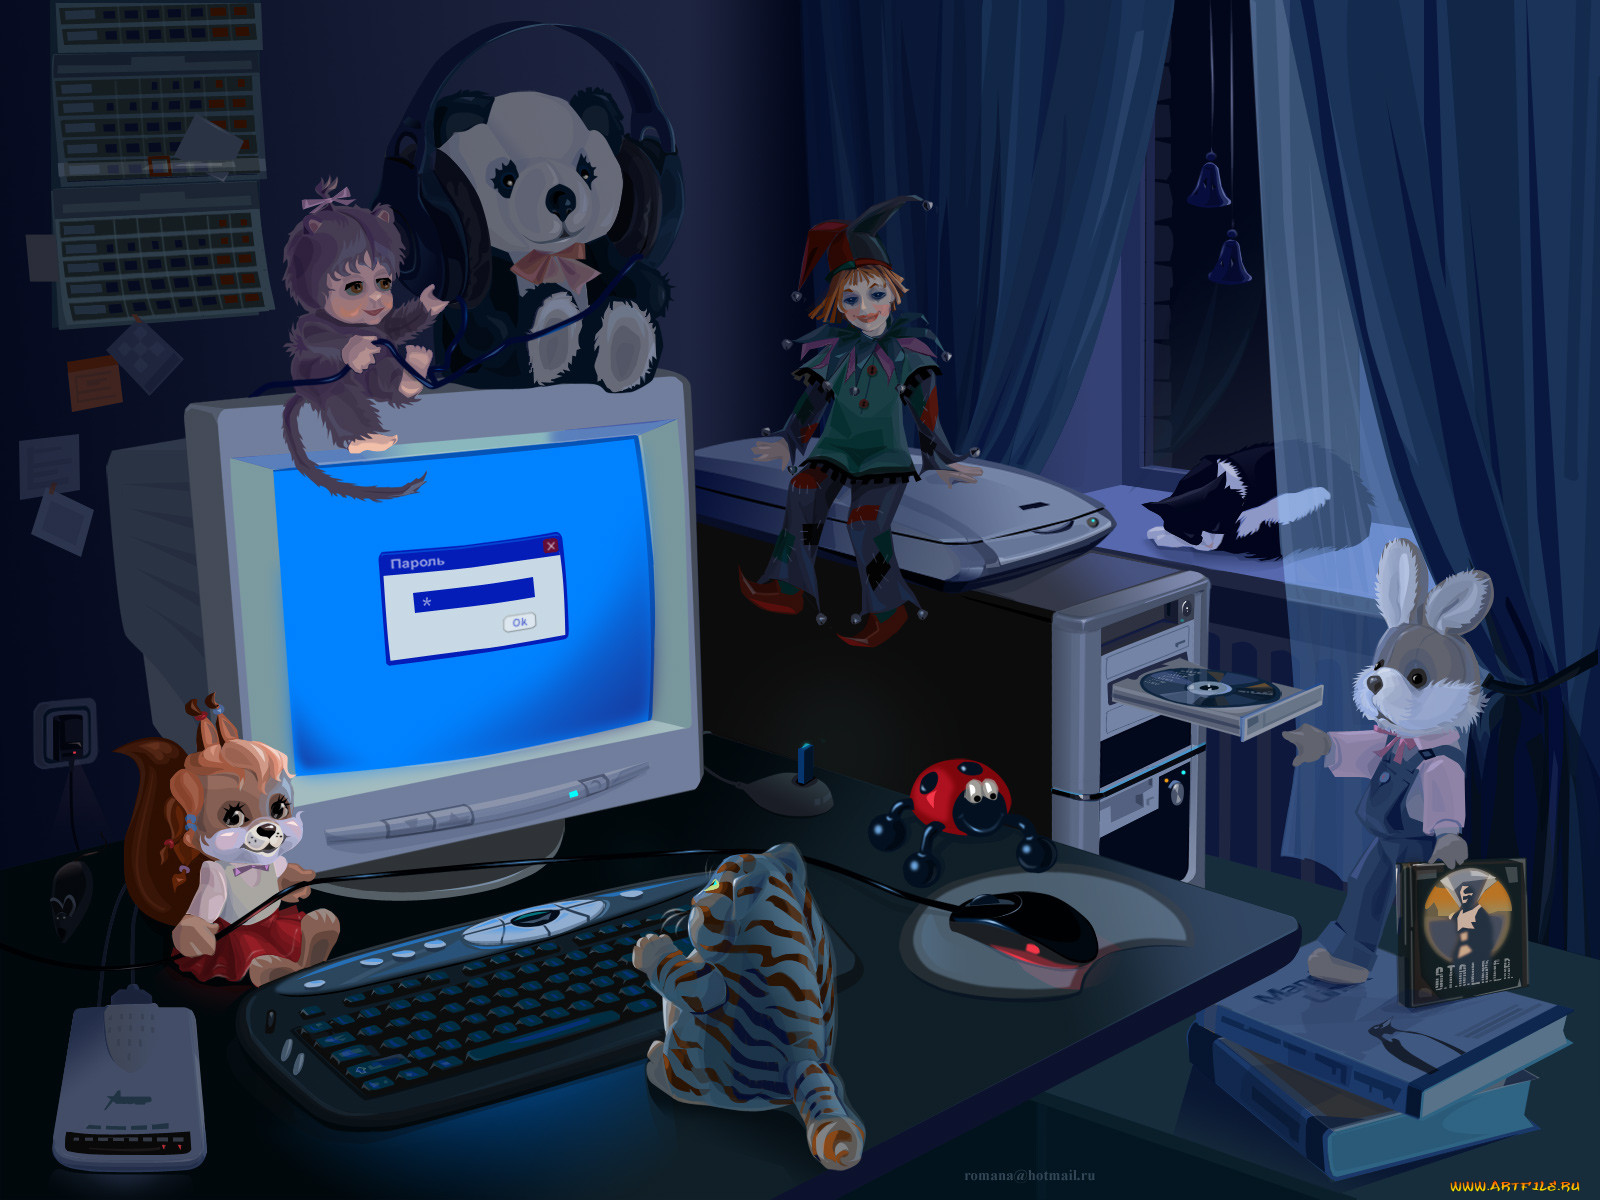 Игра Онлайн Компьютер В Компьютере Без Игру